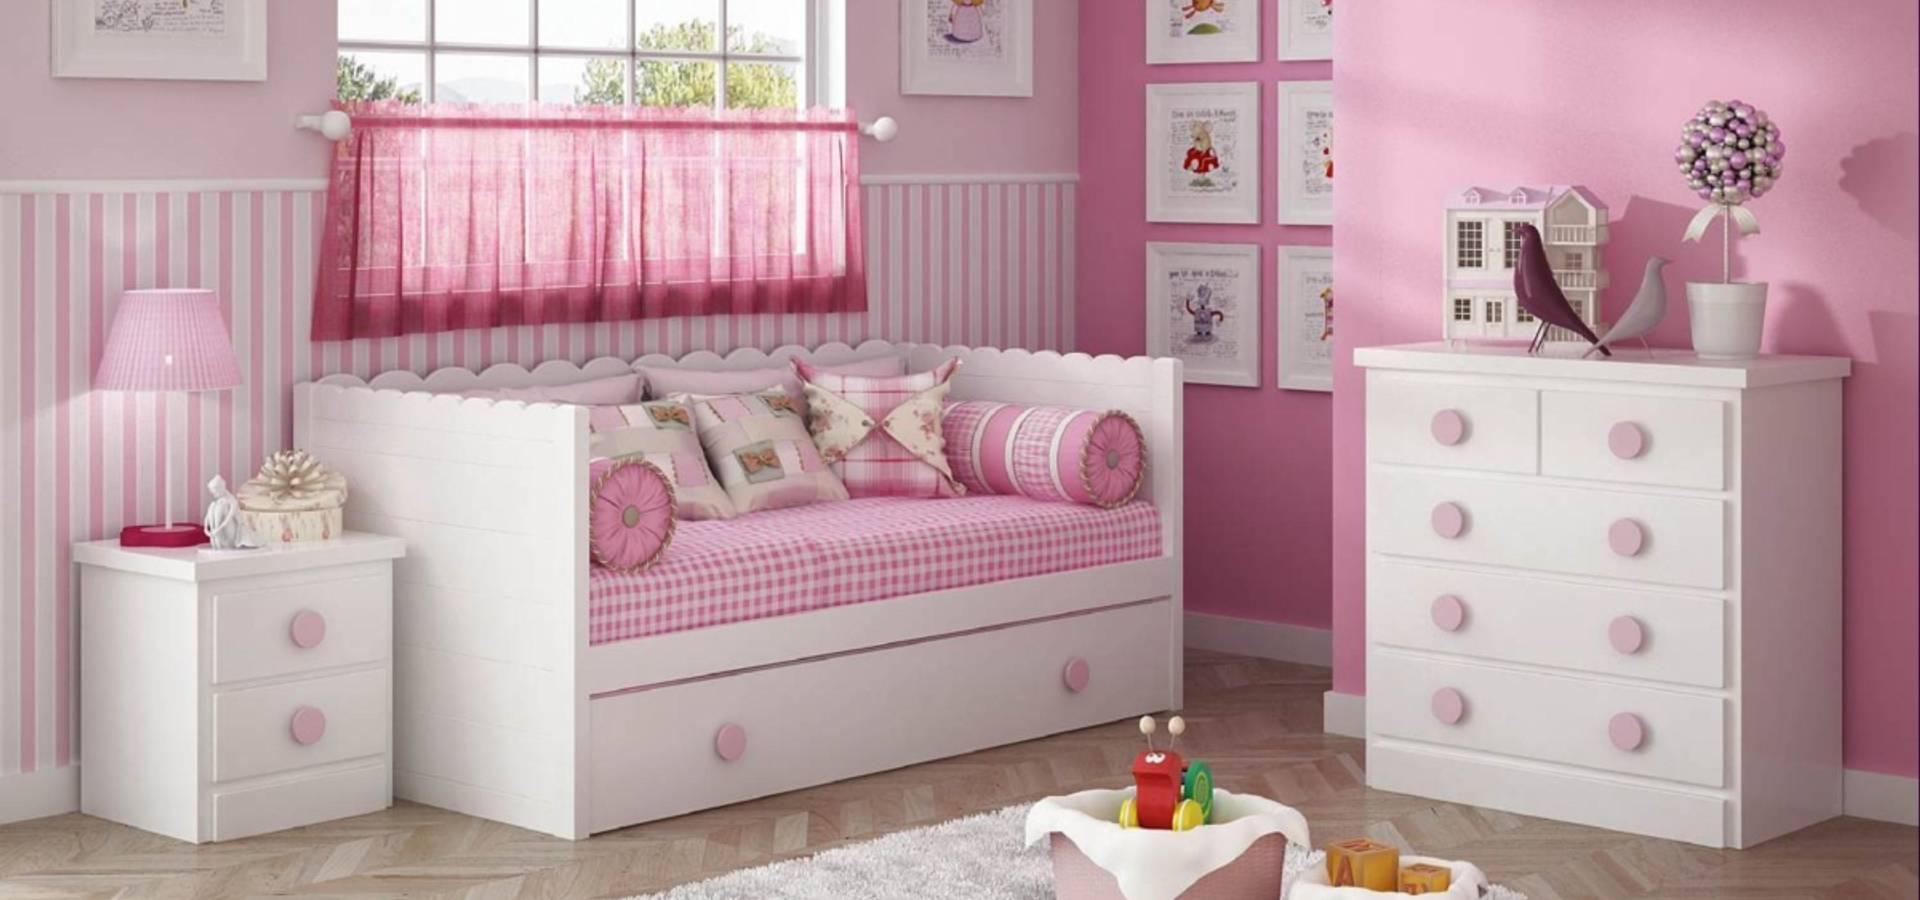 cama nido para dormitorios infantiles de muebles noel